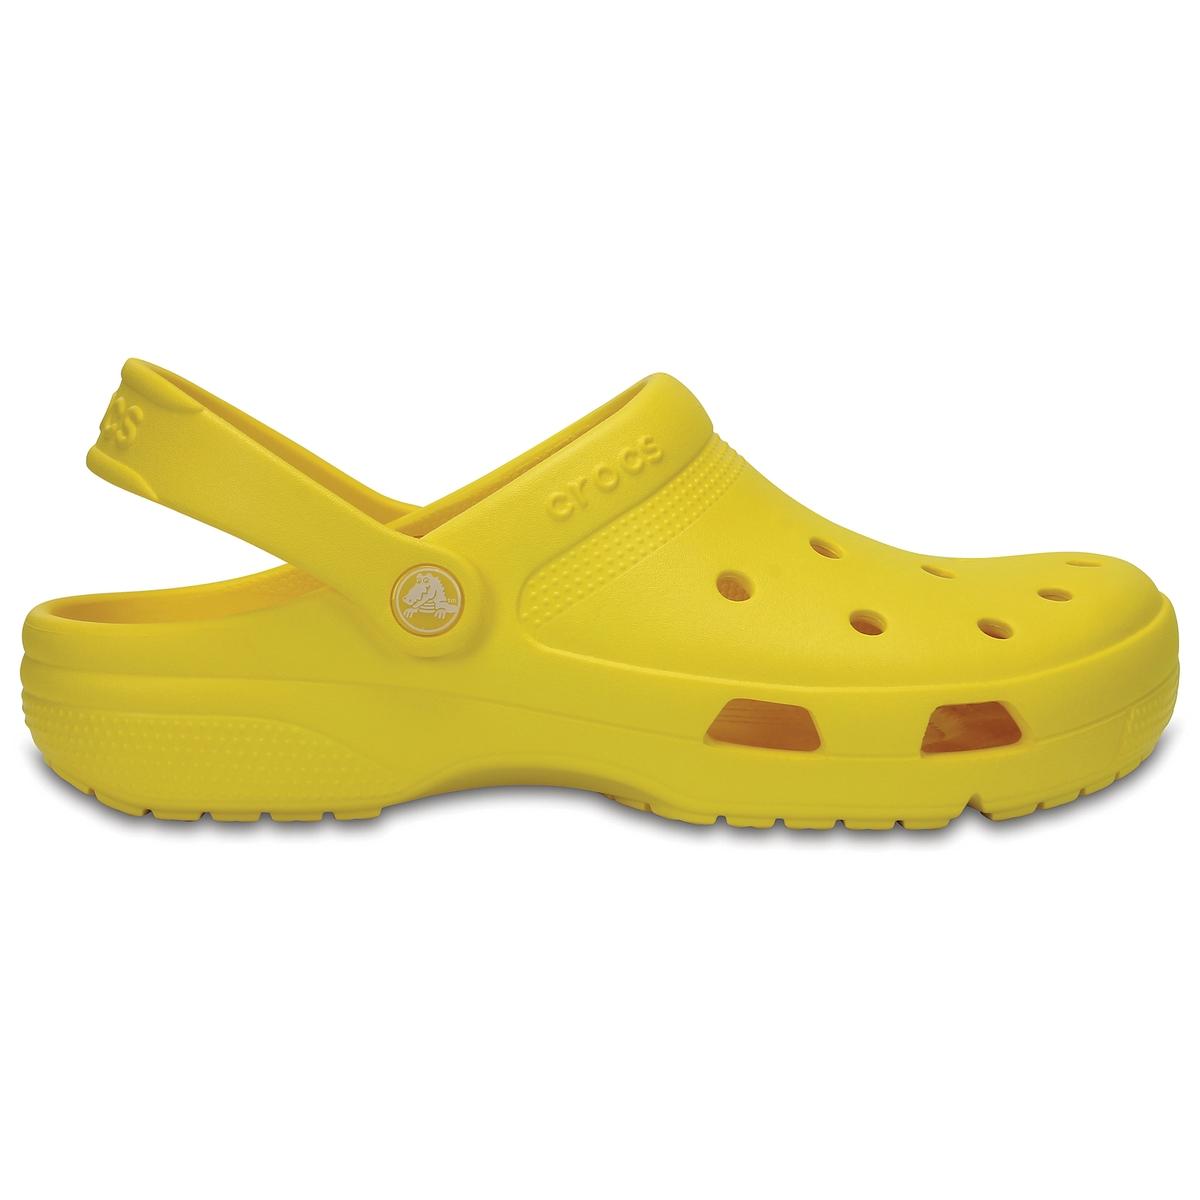 Сабо Crocs Coast ClogОписание:Детали •  Плоский каблук •  Застежка : без застежки •  Круглый мысок •  Гладкая отделкаСостав и уход •  Верх 100% ПВХ (поливинилхлорид) •  Стелька 100% ПВХ •  Подошва 100% ПВХ<br><br>Цвет: желтый